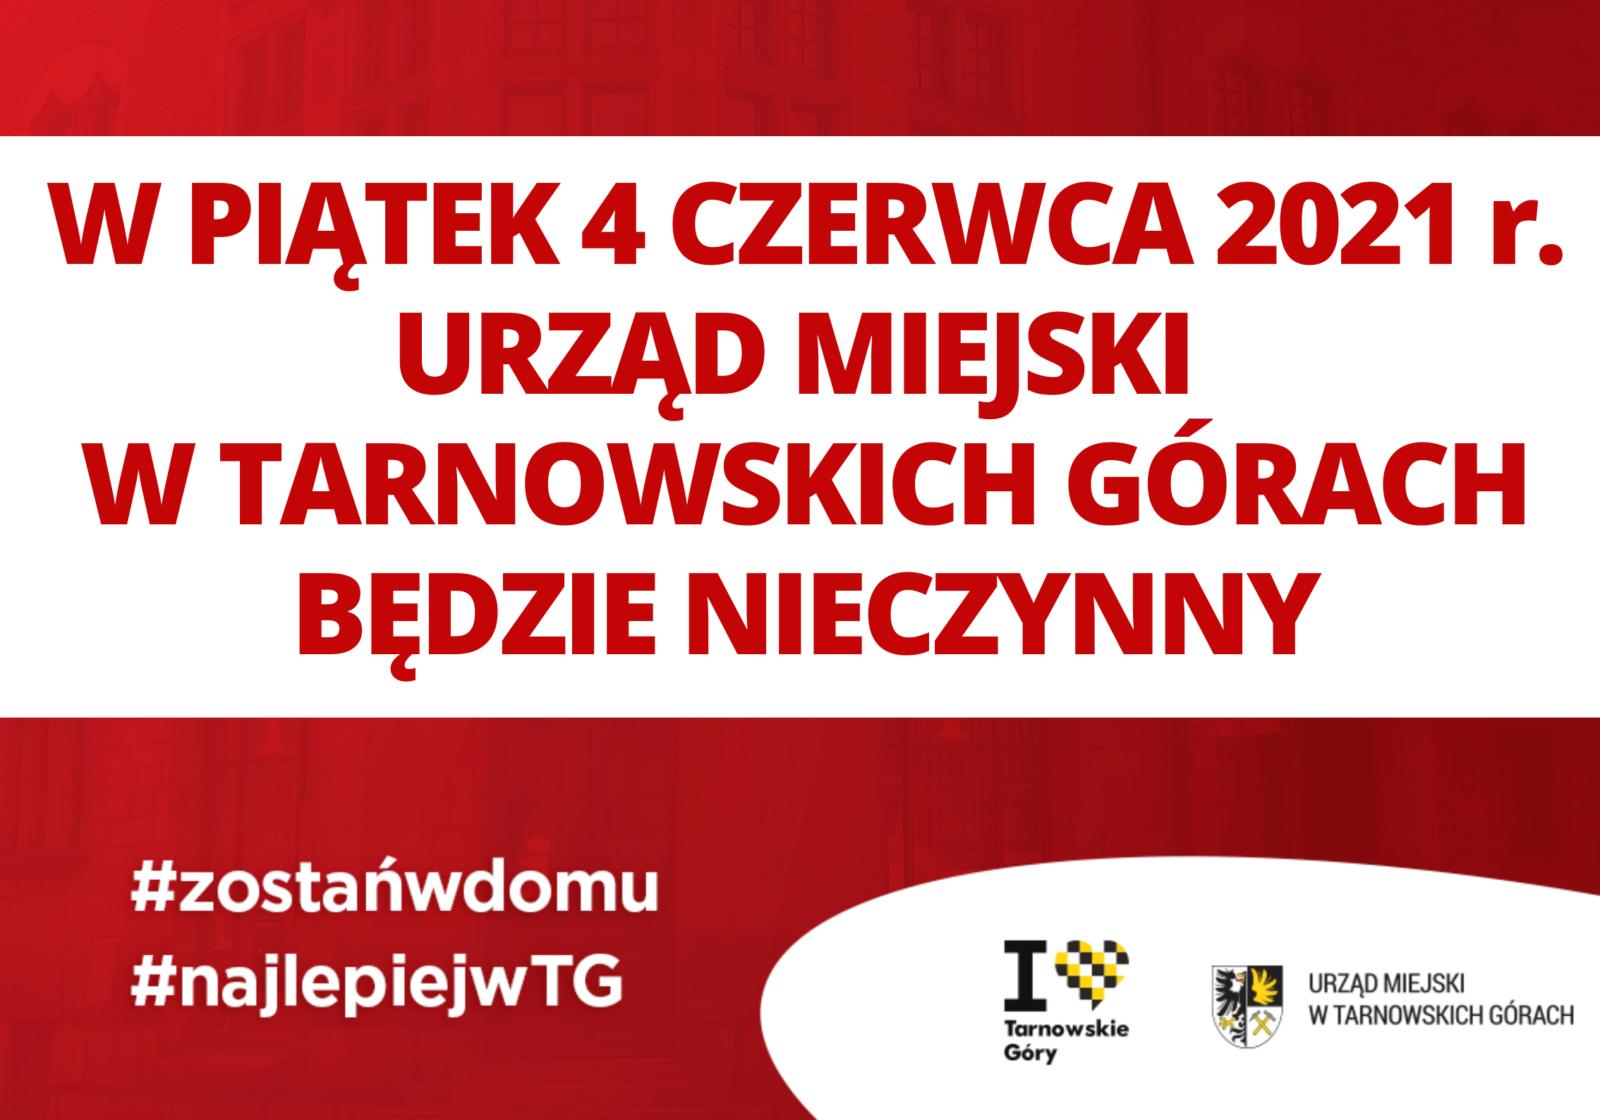 W piątek 4 czerwca urząd miejski w Tarnowskich Górach będzie nieczynny - infografika